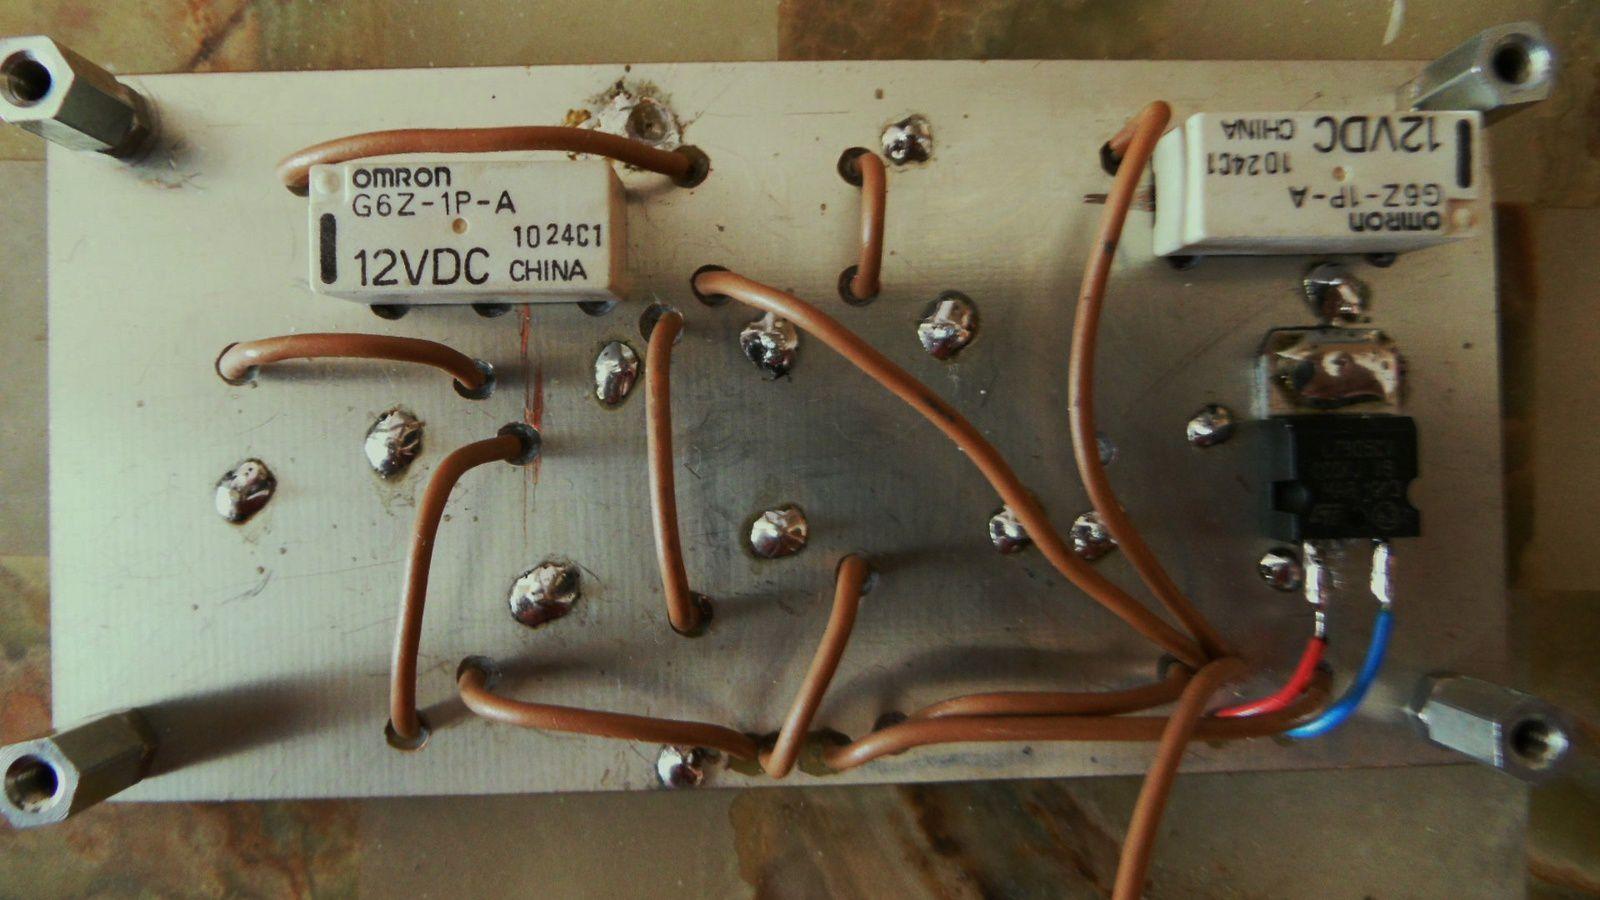 Des vias de masse ont été ajoutés (circuit non soudé au boitier)